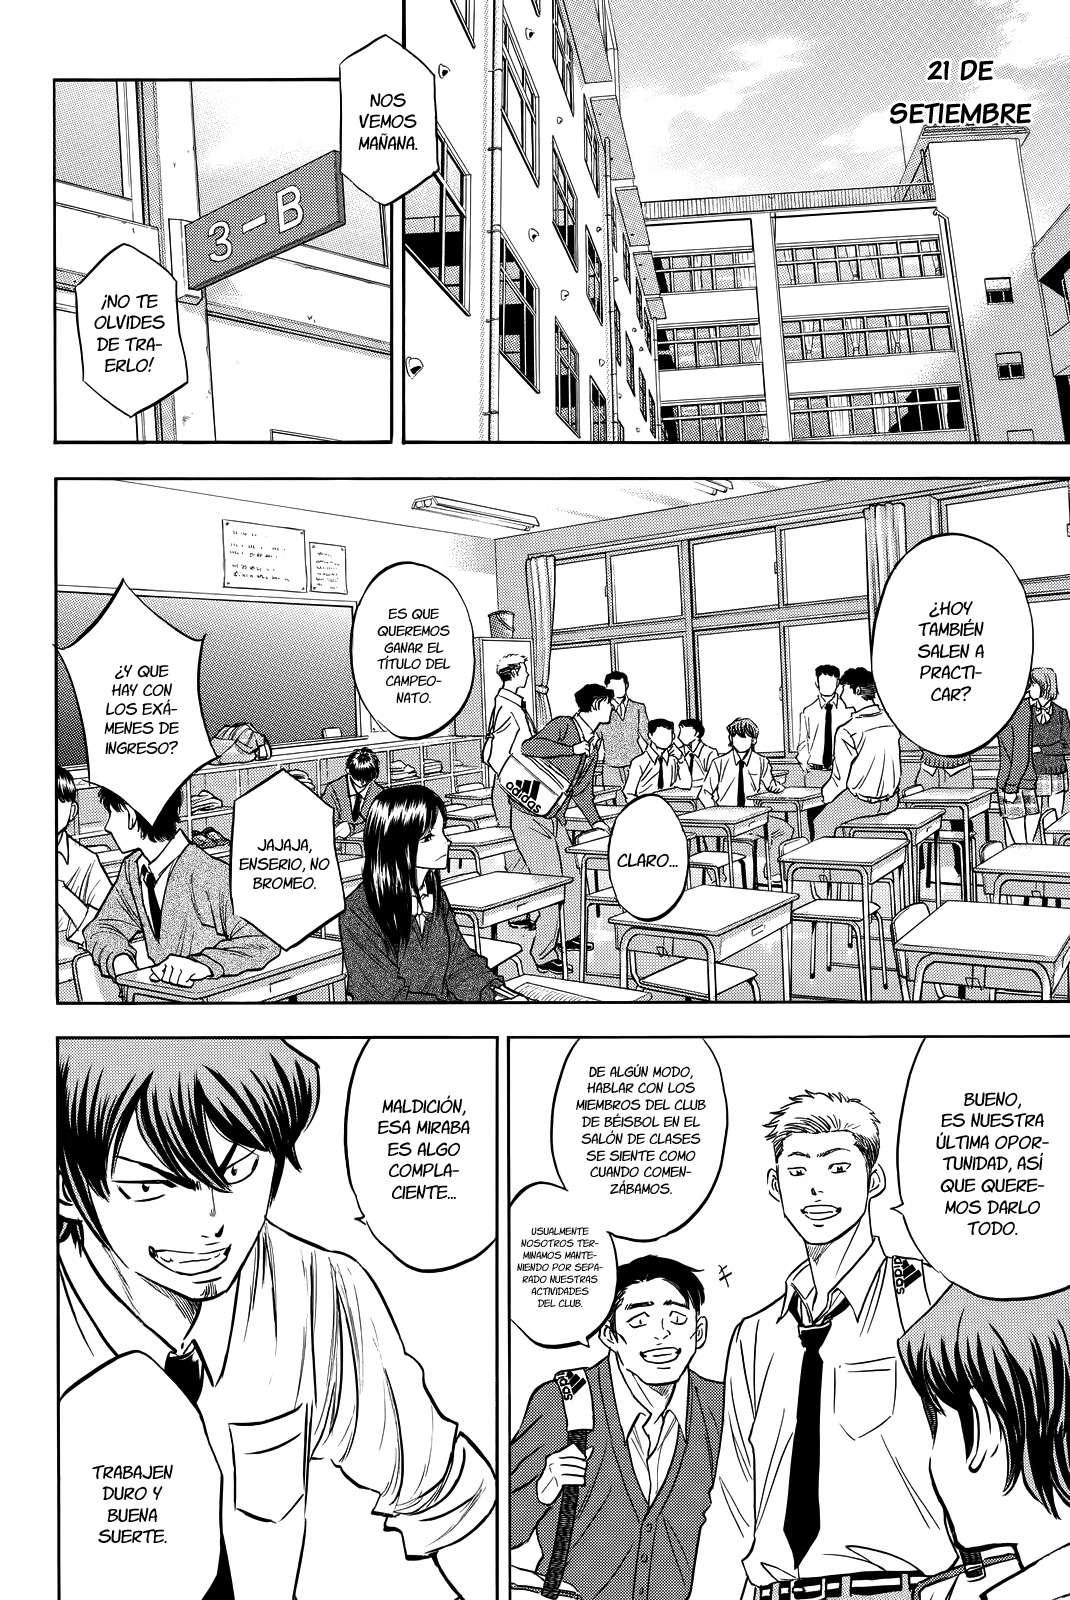 http://c5.ninemanga.com/es_manga/24/1752/416097/d0fda0cf702231b3963aedb610256146.jpg Page 5